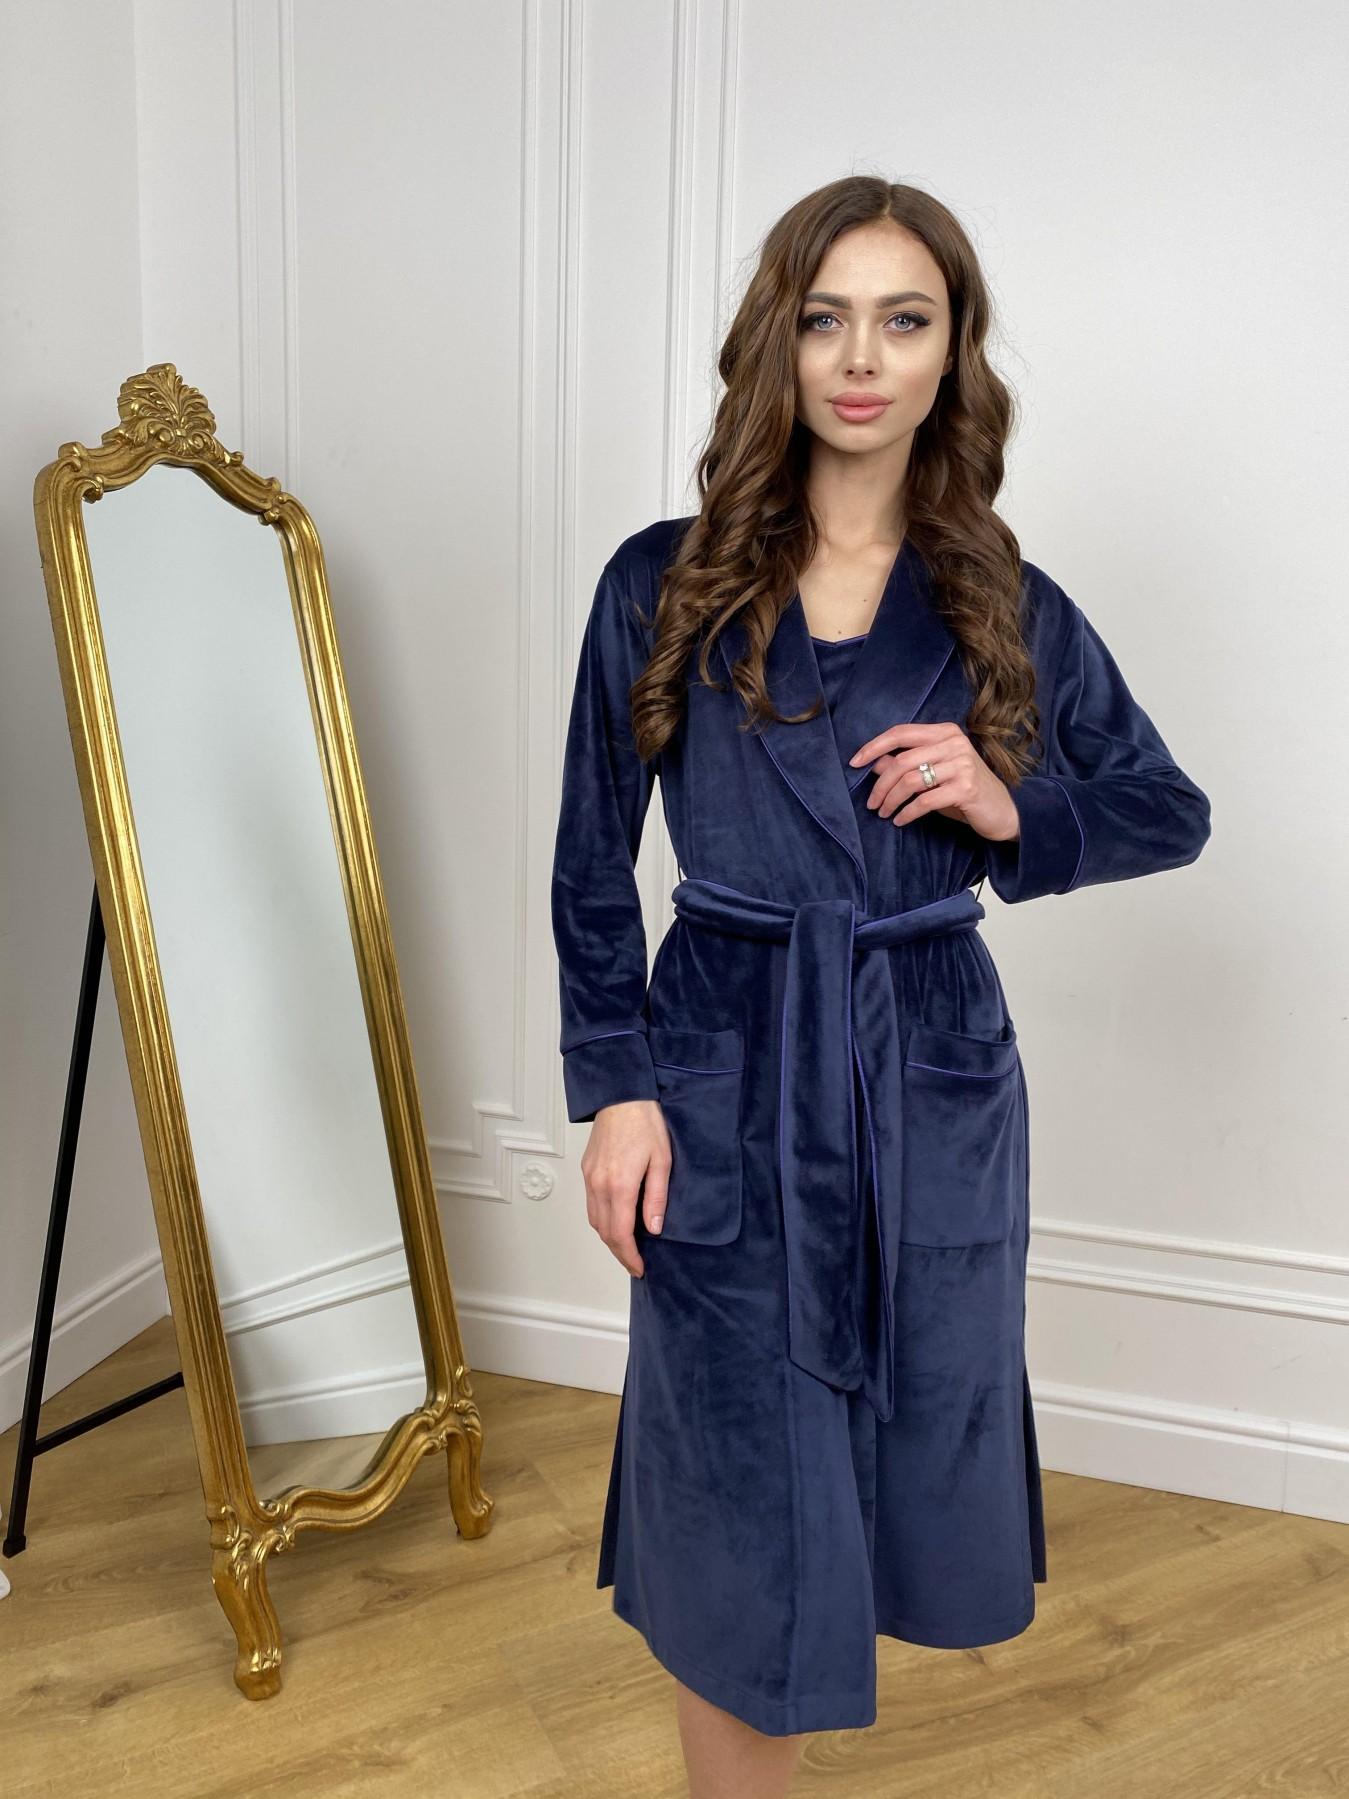 Сандрин миди халат из велюровой ткани 10510 АРТ. 46849 Цвет: т. синий - фото 6, интернет магазин tm-modus.ru